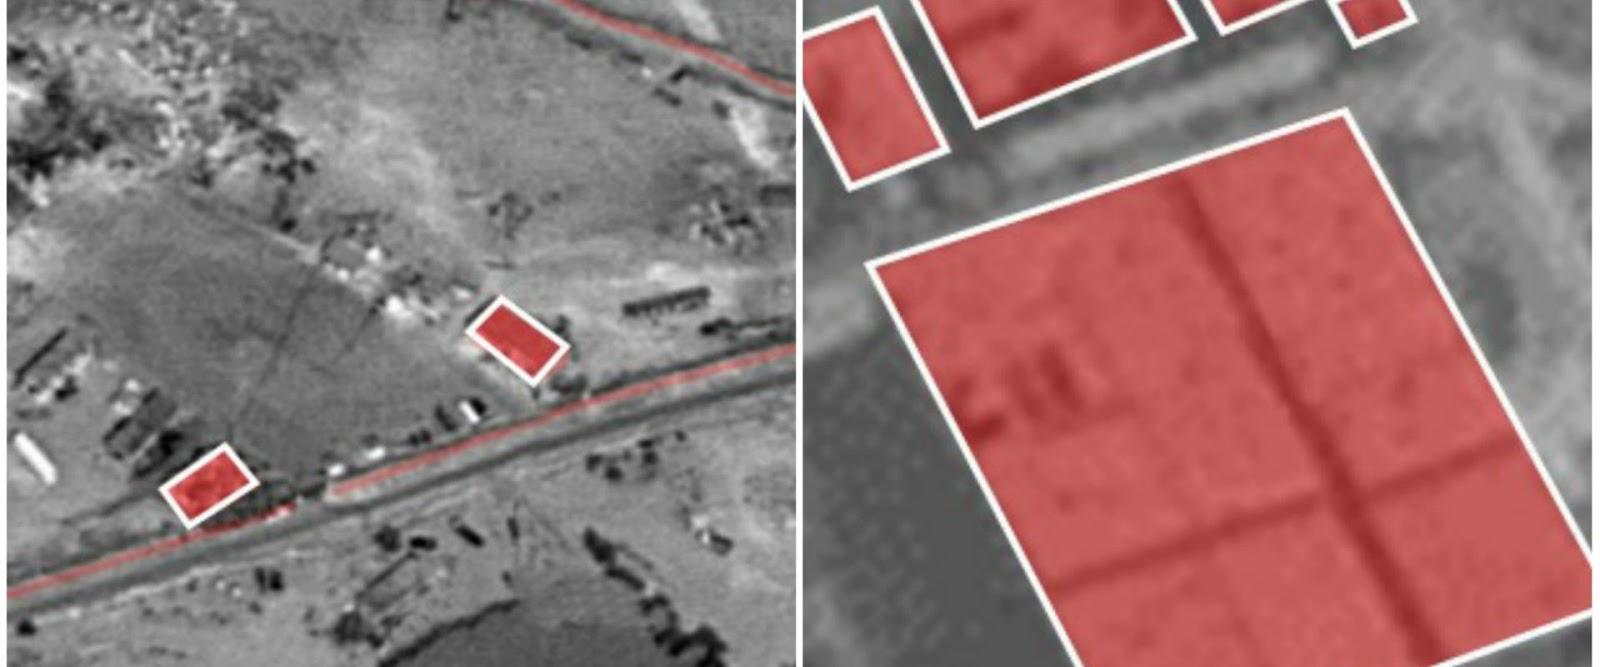 Feszültség északon ✲ A Légierő masszív támadásokat hajtott végre szíriai területen